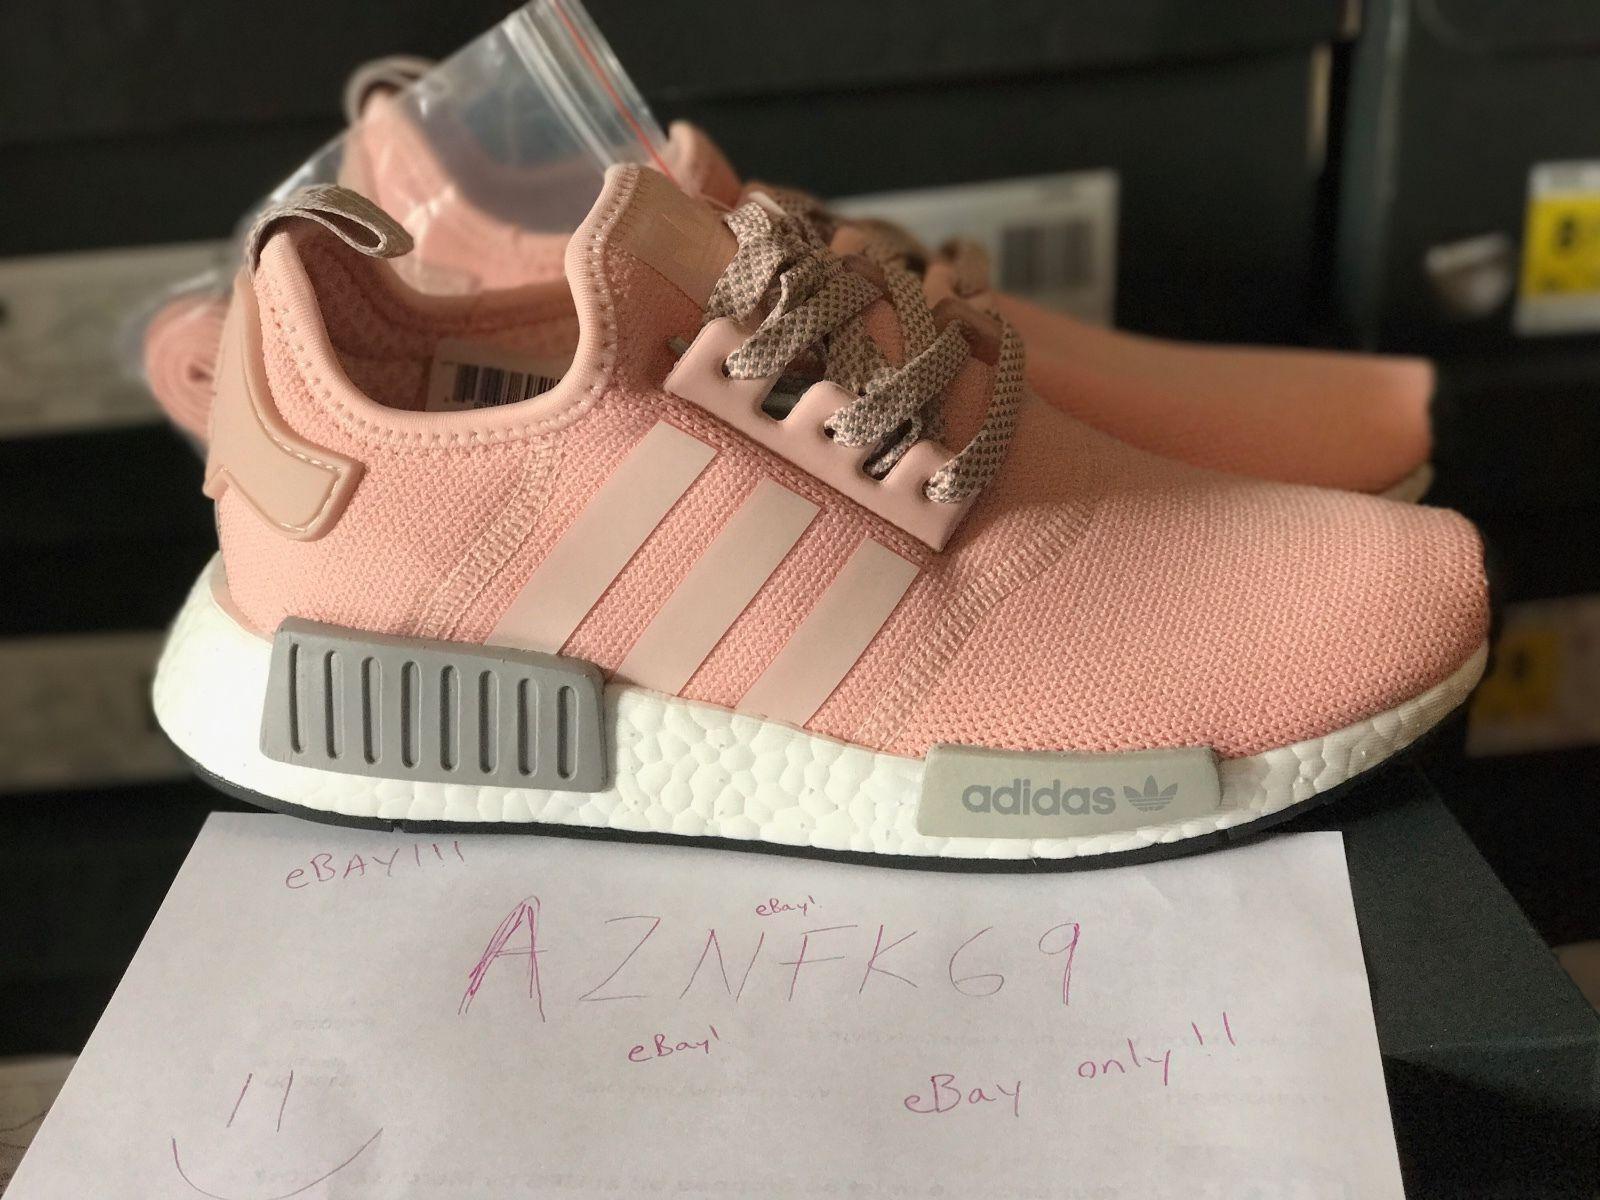 ff9527e2f119 ... hot adidas nmd r1 runner vapor pink light onix grey offspring by3059  womens sz 7 11